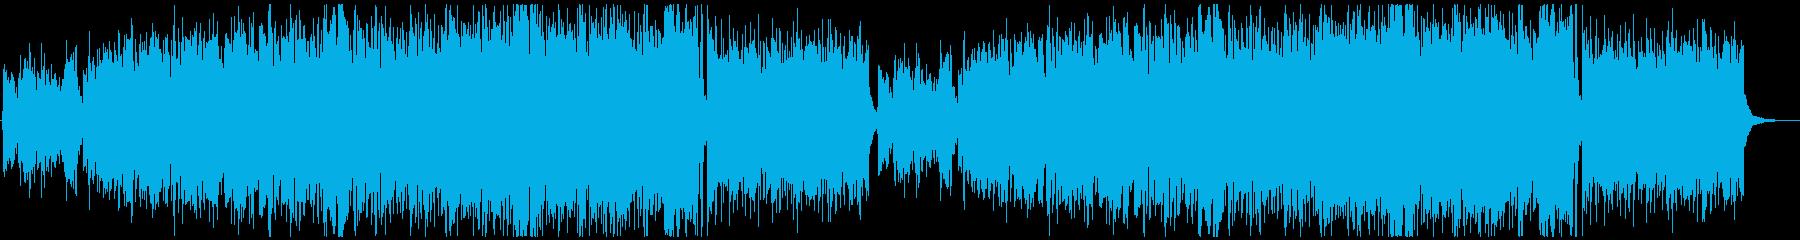 疾走感のあるケルト曲の再生済みの波形